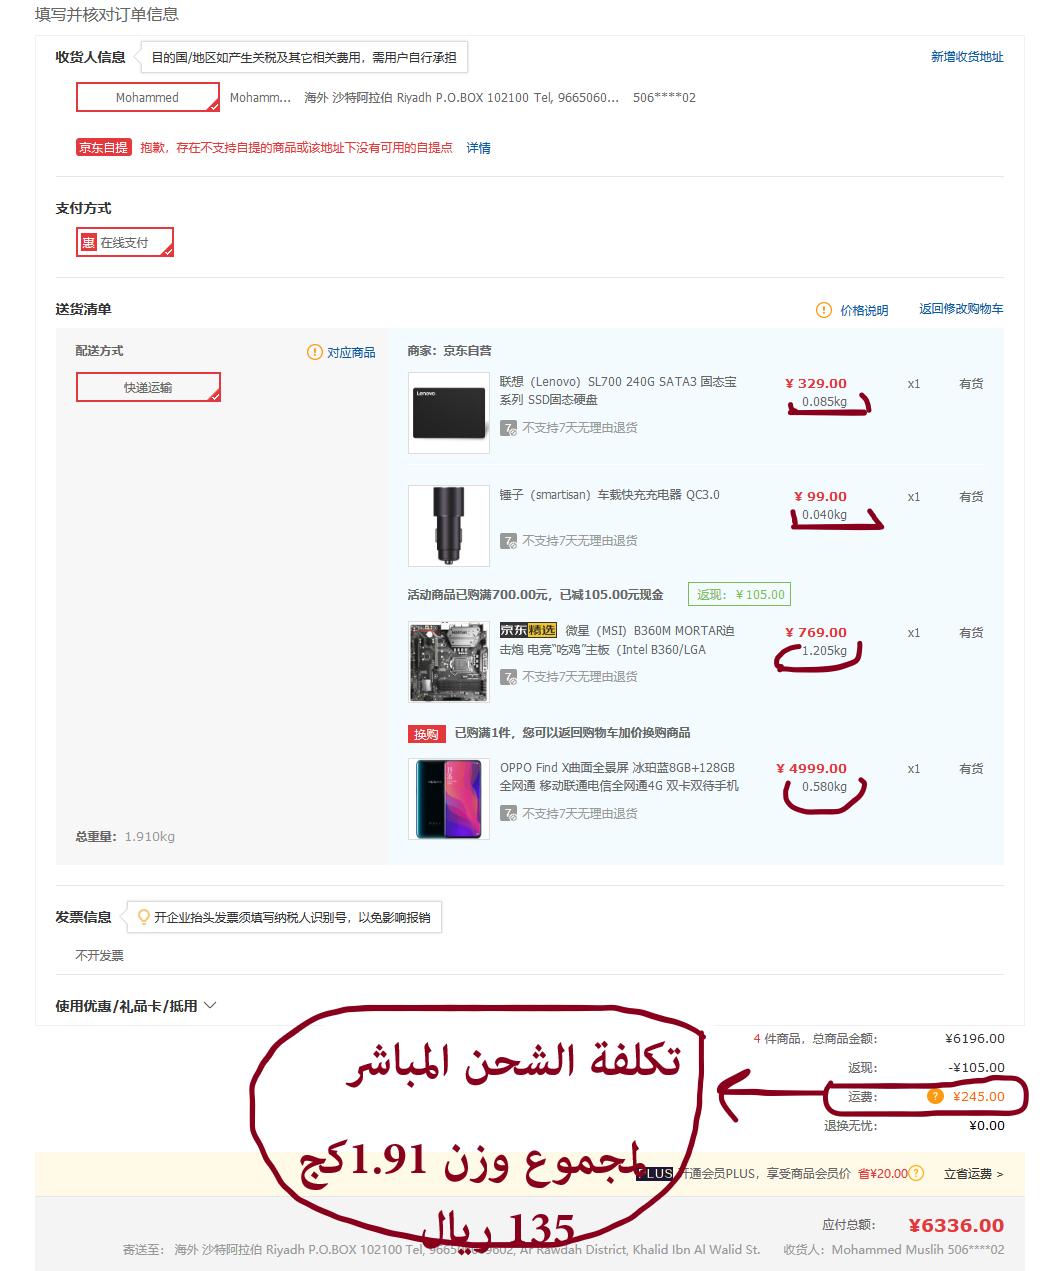 تجربتي في الشراء من الموقع الصيني8 JD.COM و الشحن المباشر للسعودية